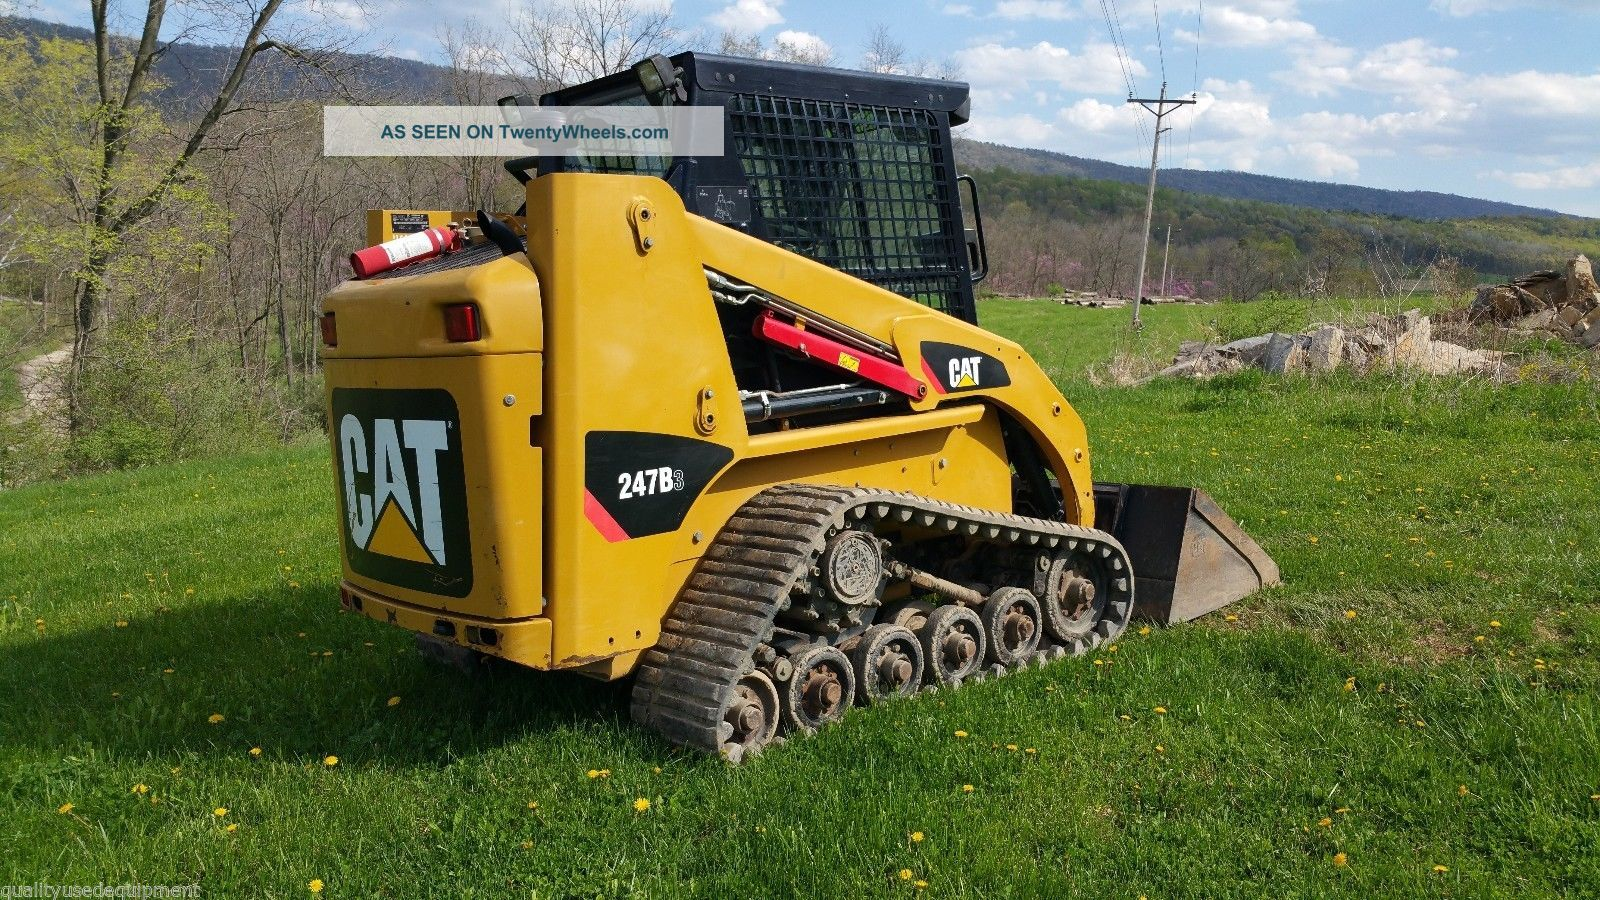 Track Skid Steer Loader : Caterpillar b compact track skid steer loader